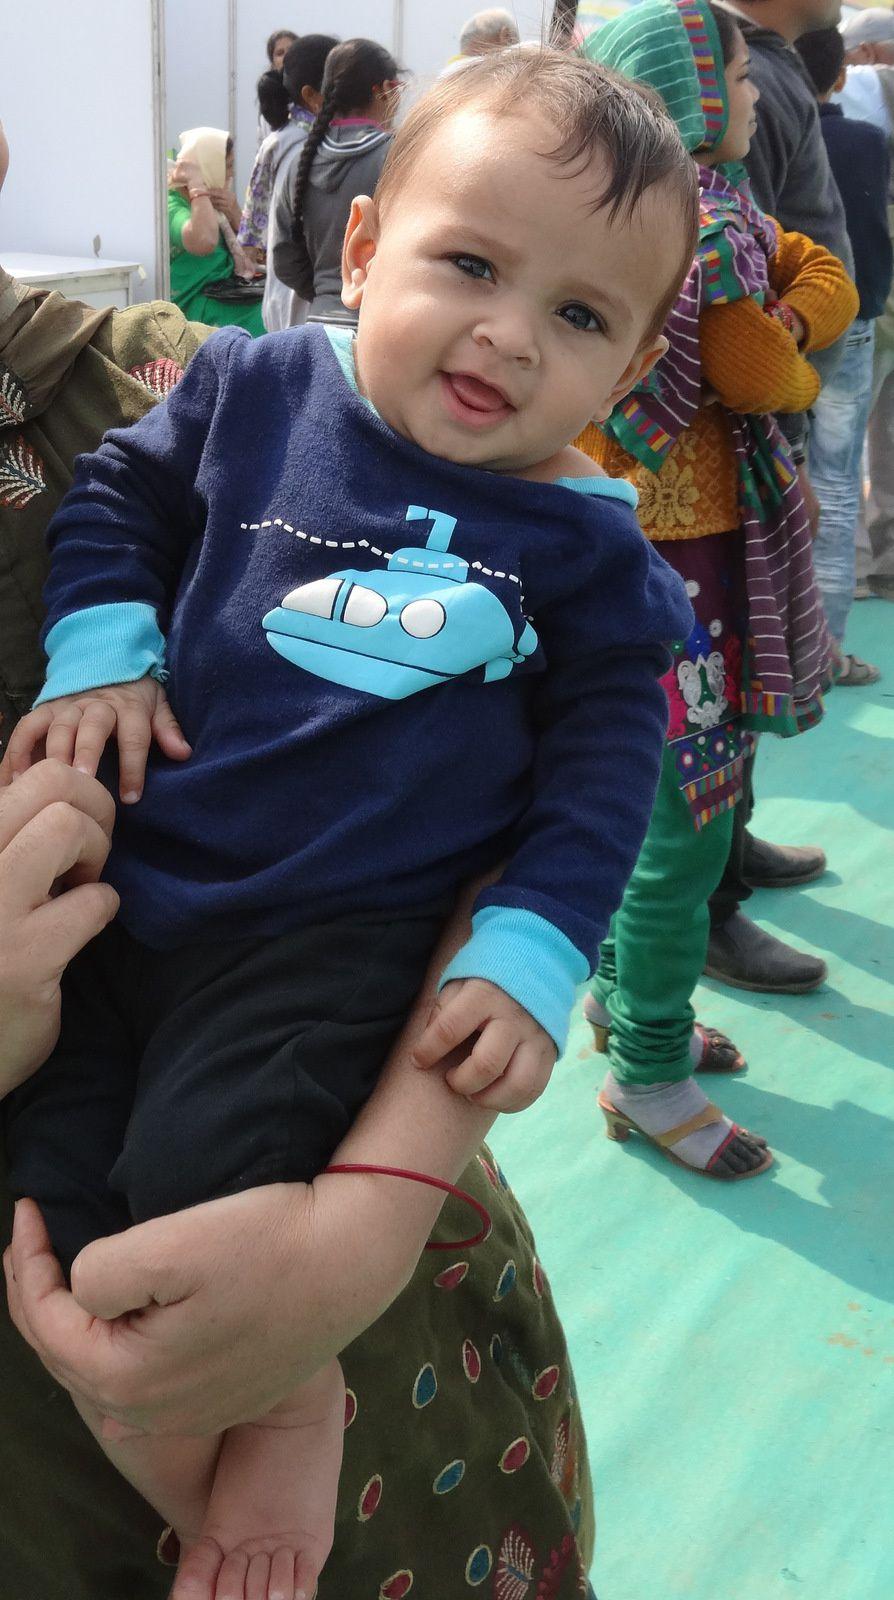 [Inde#7] : Les plus beaux sourires et visage indien ...#2